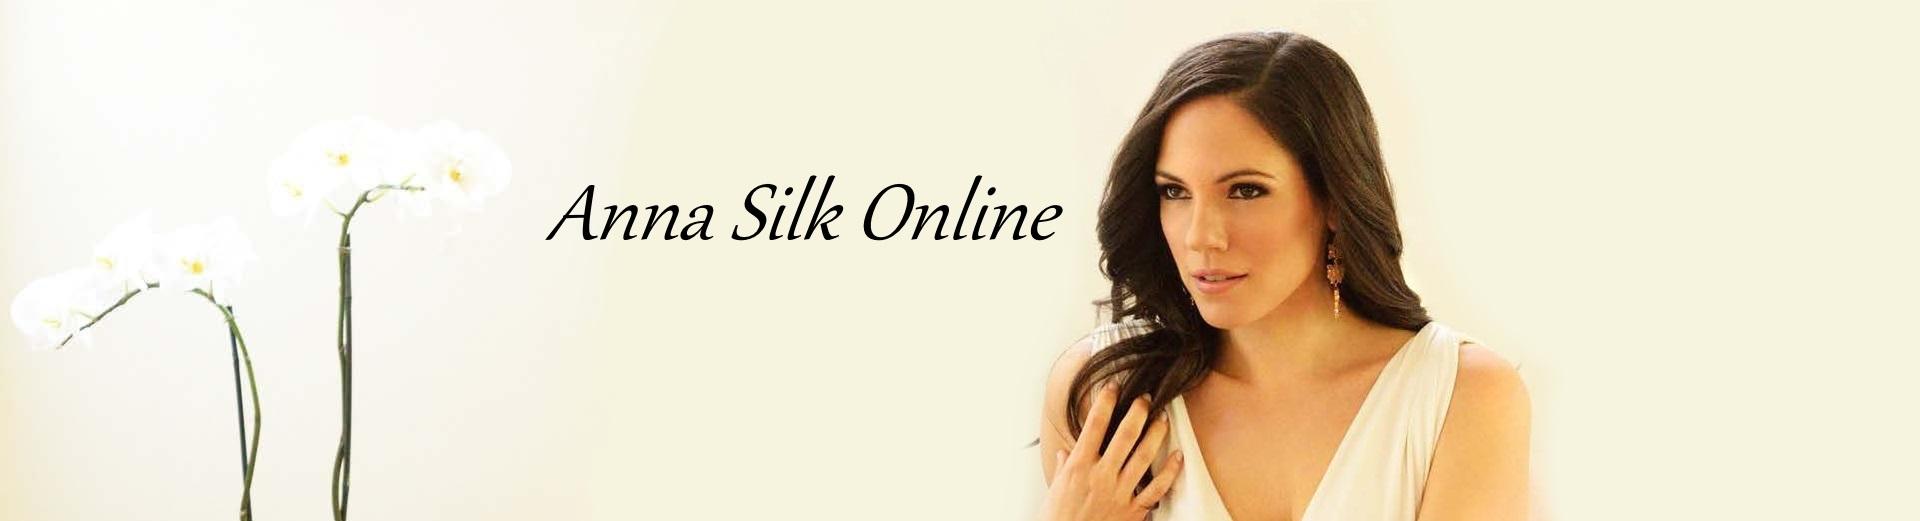 Anna Silk Online Forum